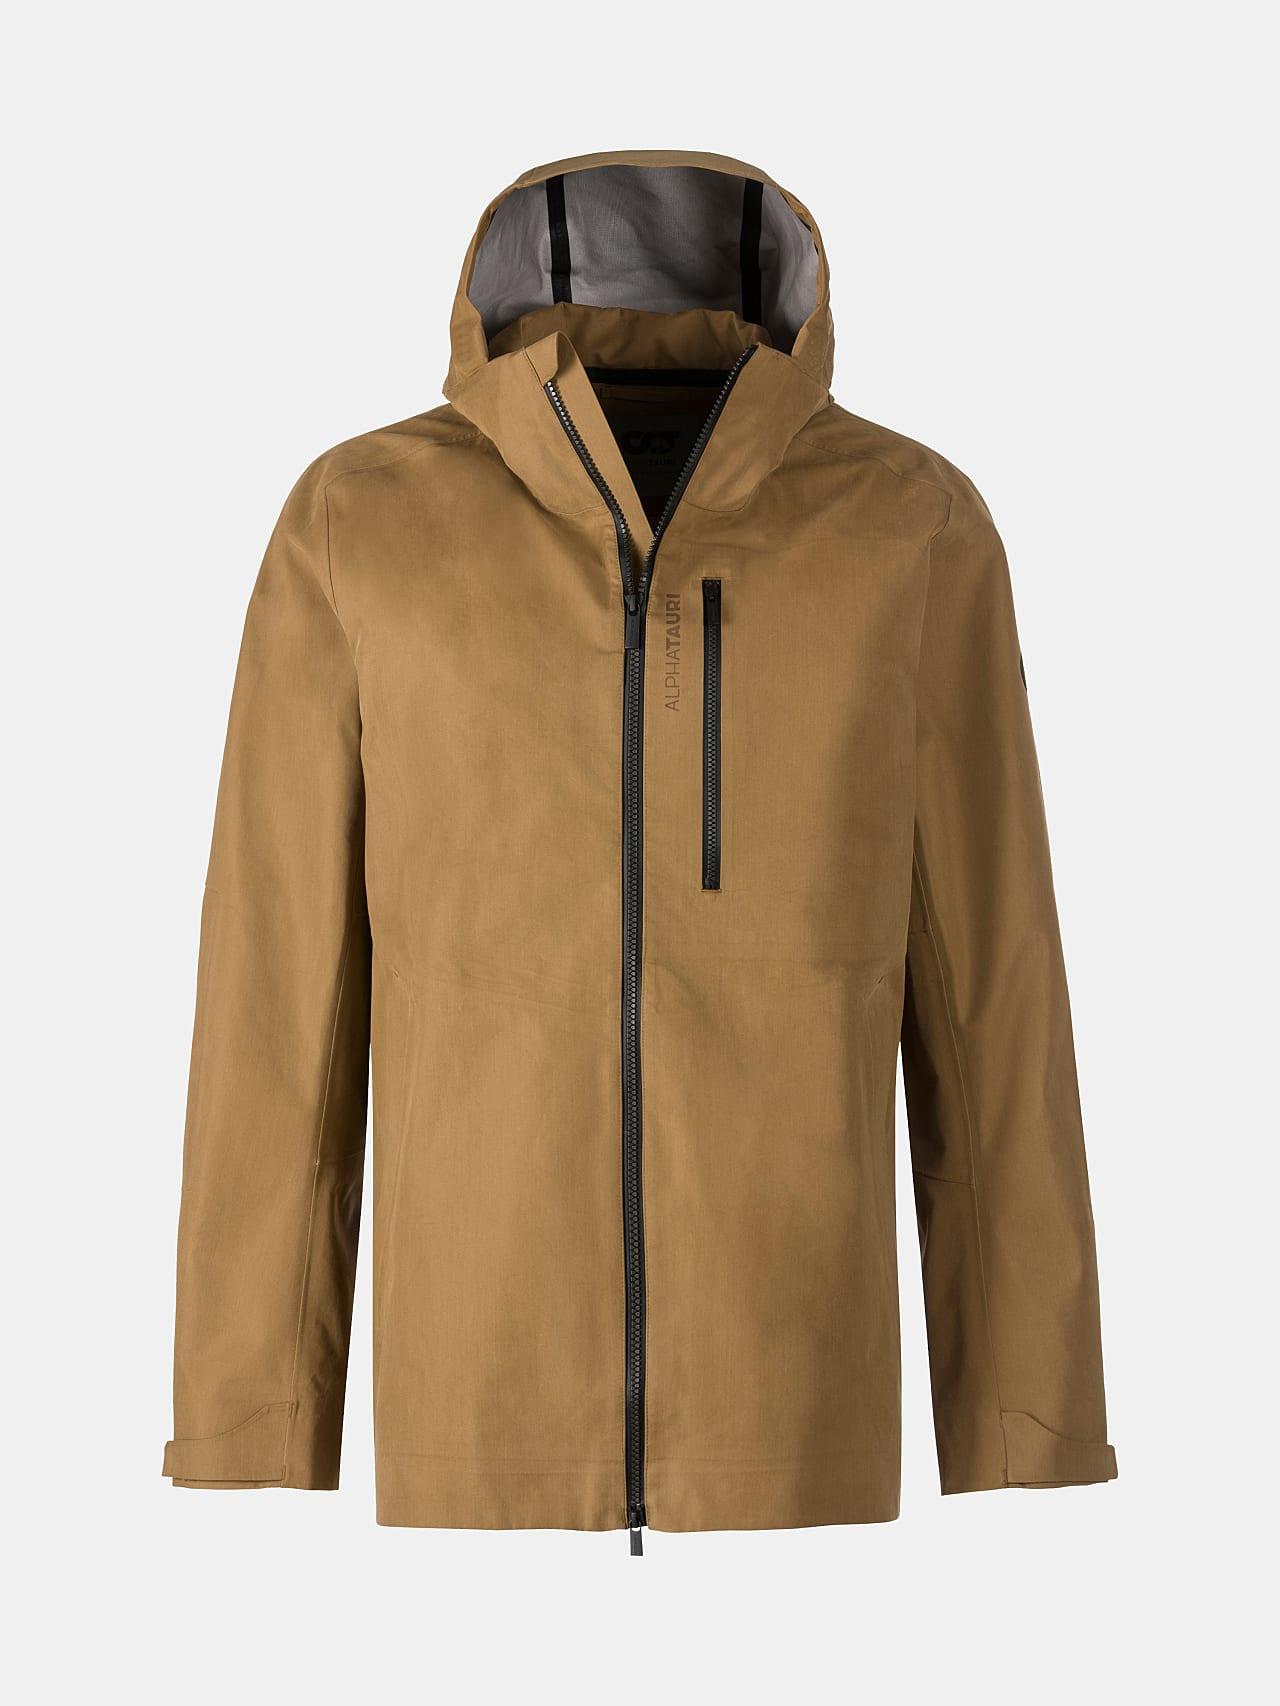 OKOVO V3.Y5.01 Packable Waterproof Jacket brown Back Alpha Tauri